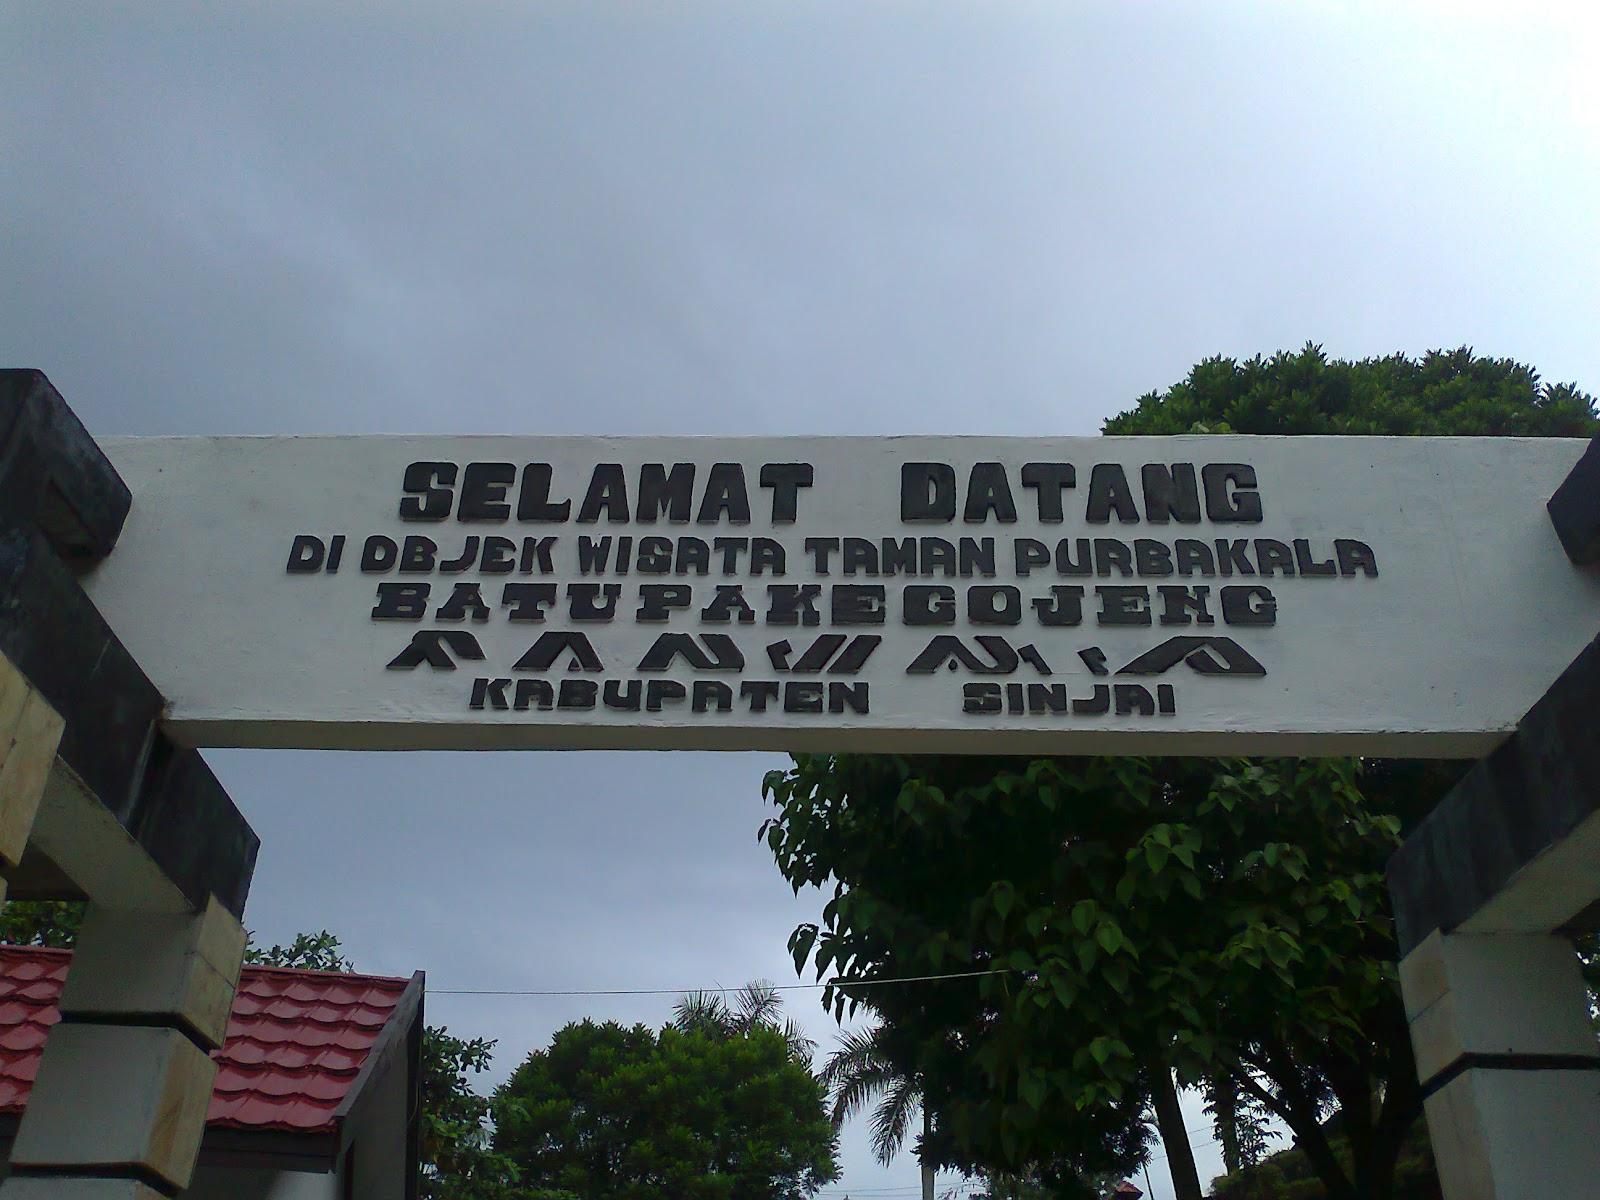 Wisata Alam Taman Purbakala Batu Pake Gojeng